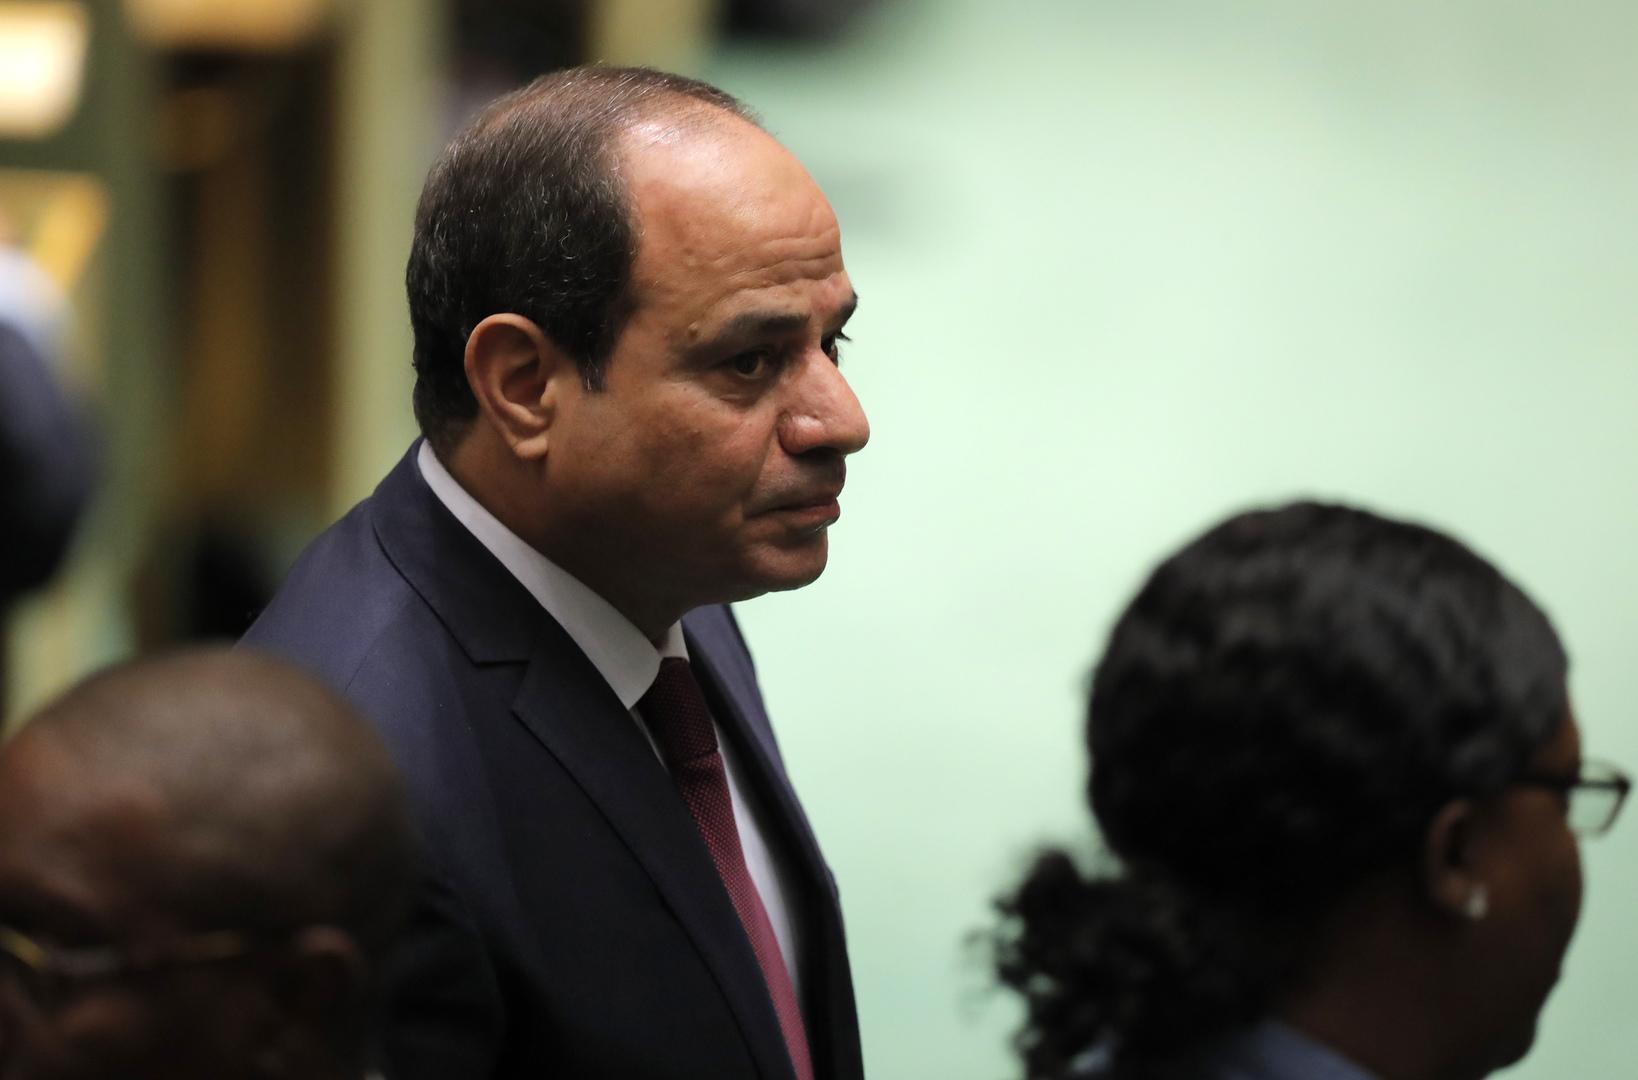 السيسي: أي تدخل مباشر لمصر في ليبيا باتت تتوفر له الشرعية الدولية